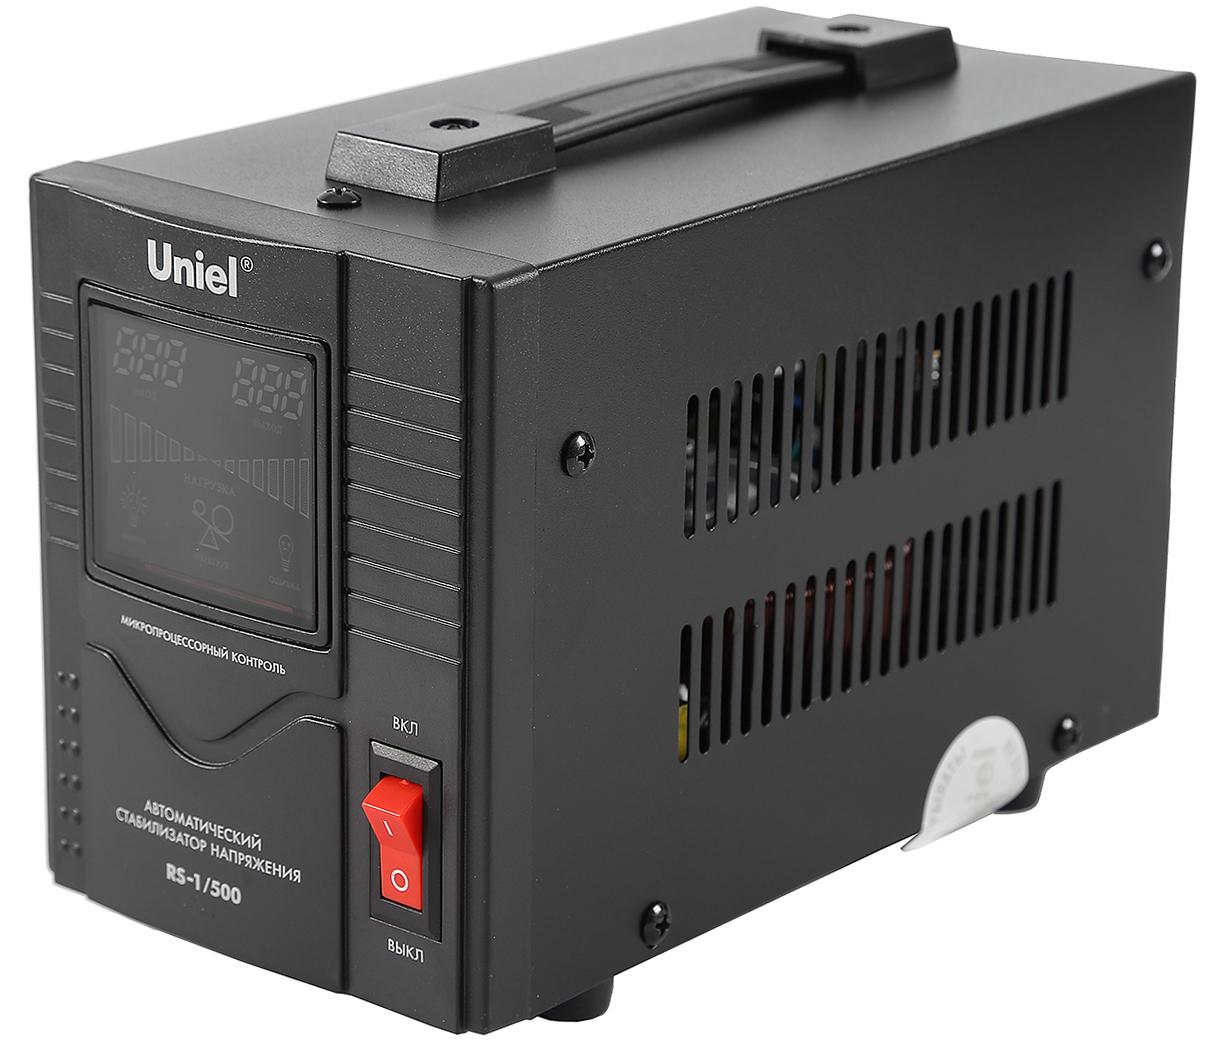 Стабилизатор напряжения Uniel Rs-1/500 стабилизатор навесной с гальванической развязкой 500 ва uniel